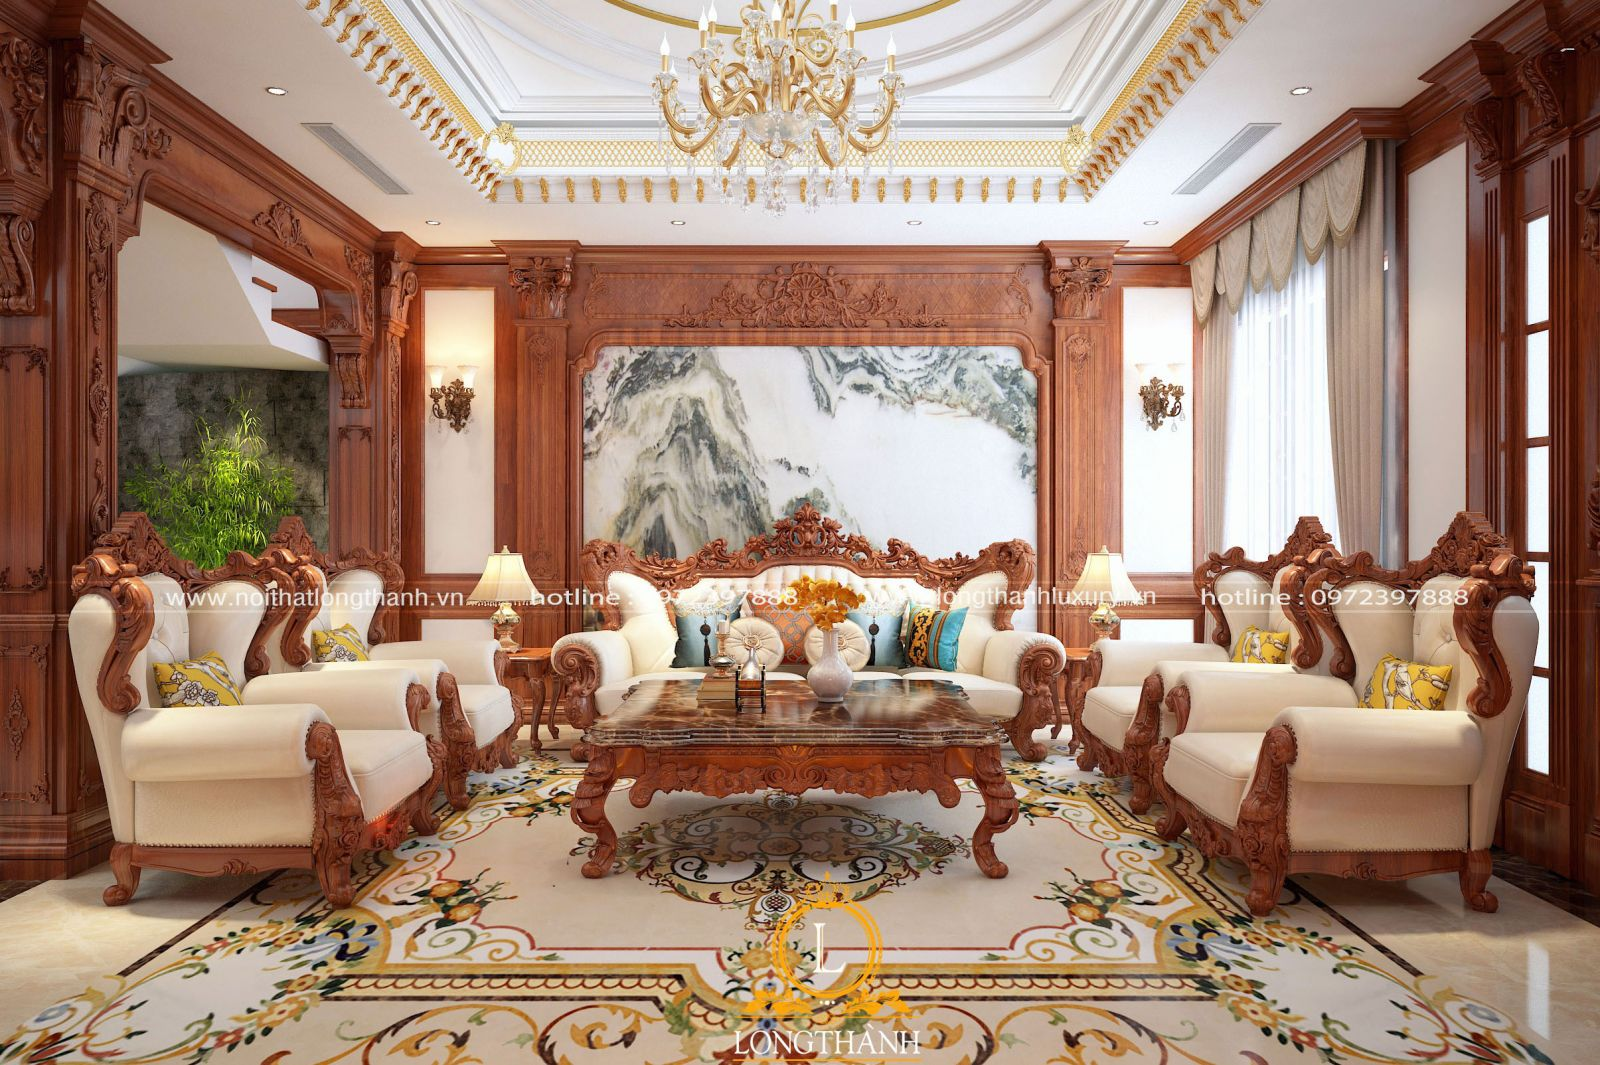 Bộ Sofa tân cổ điển do đội ngũ KTS nội thất Long Thành thiết kế